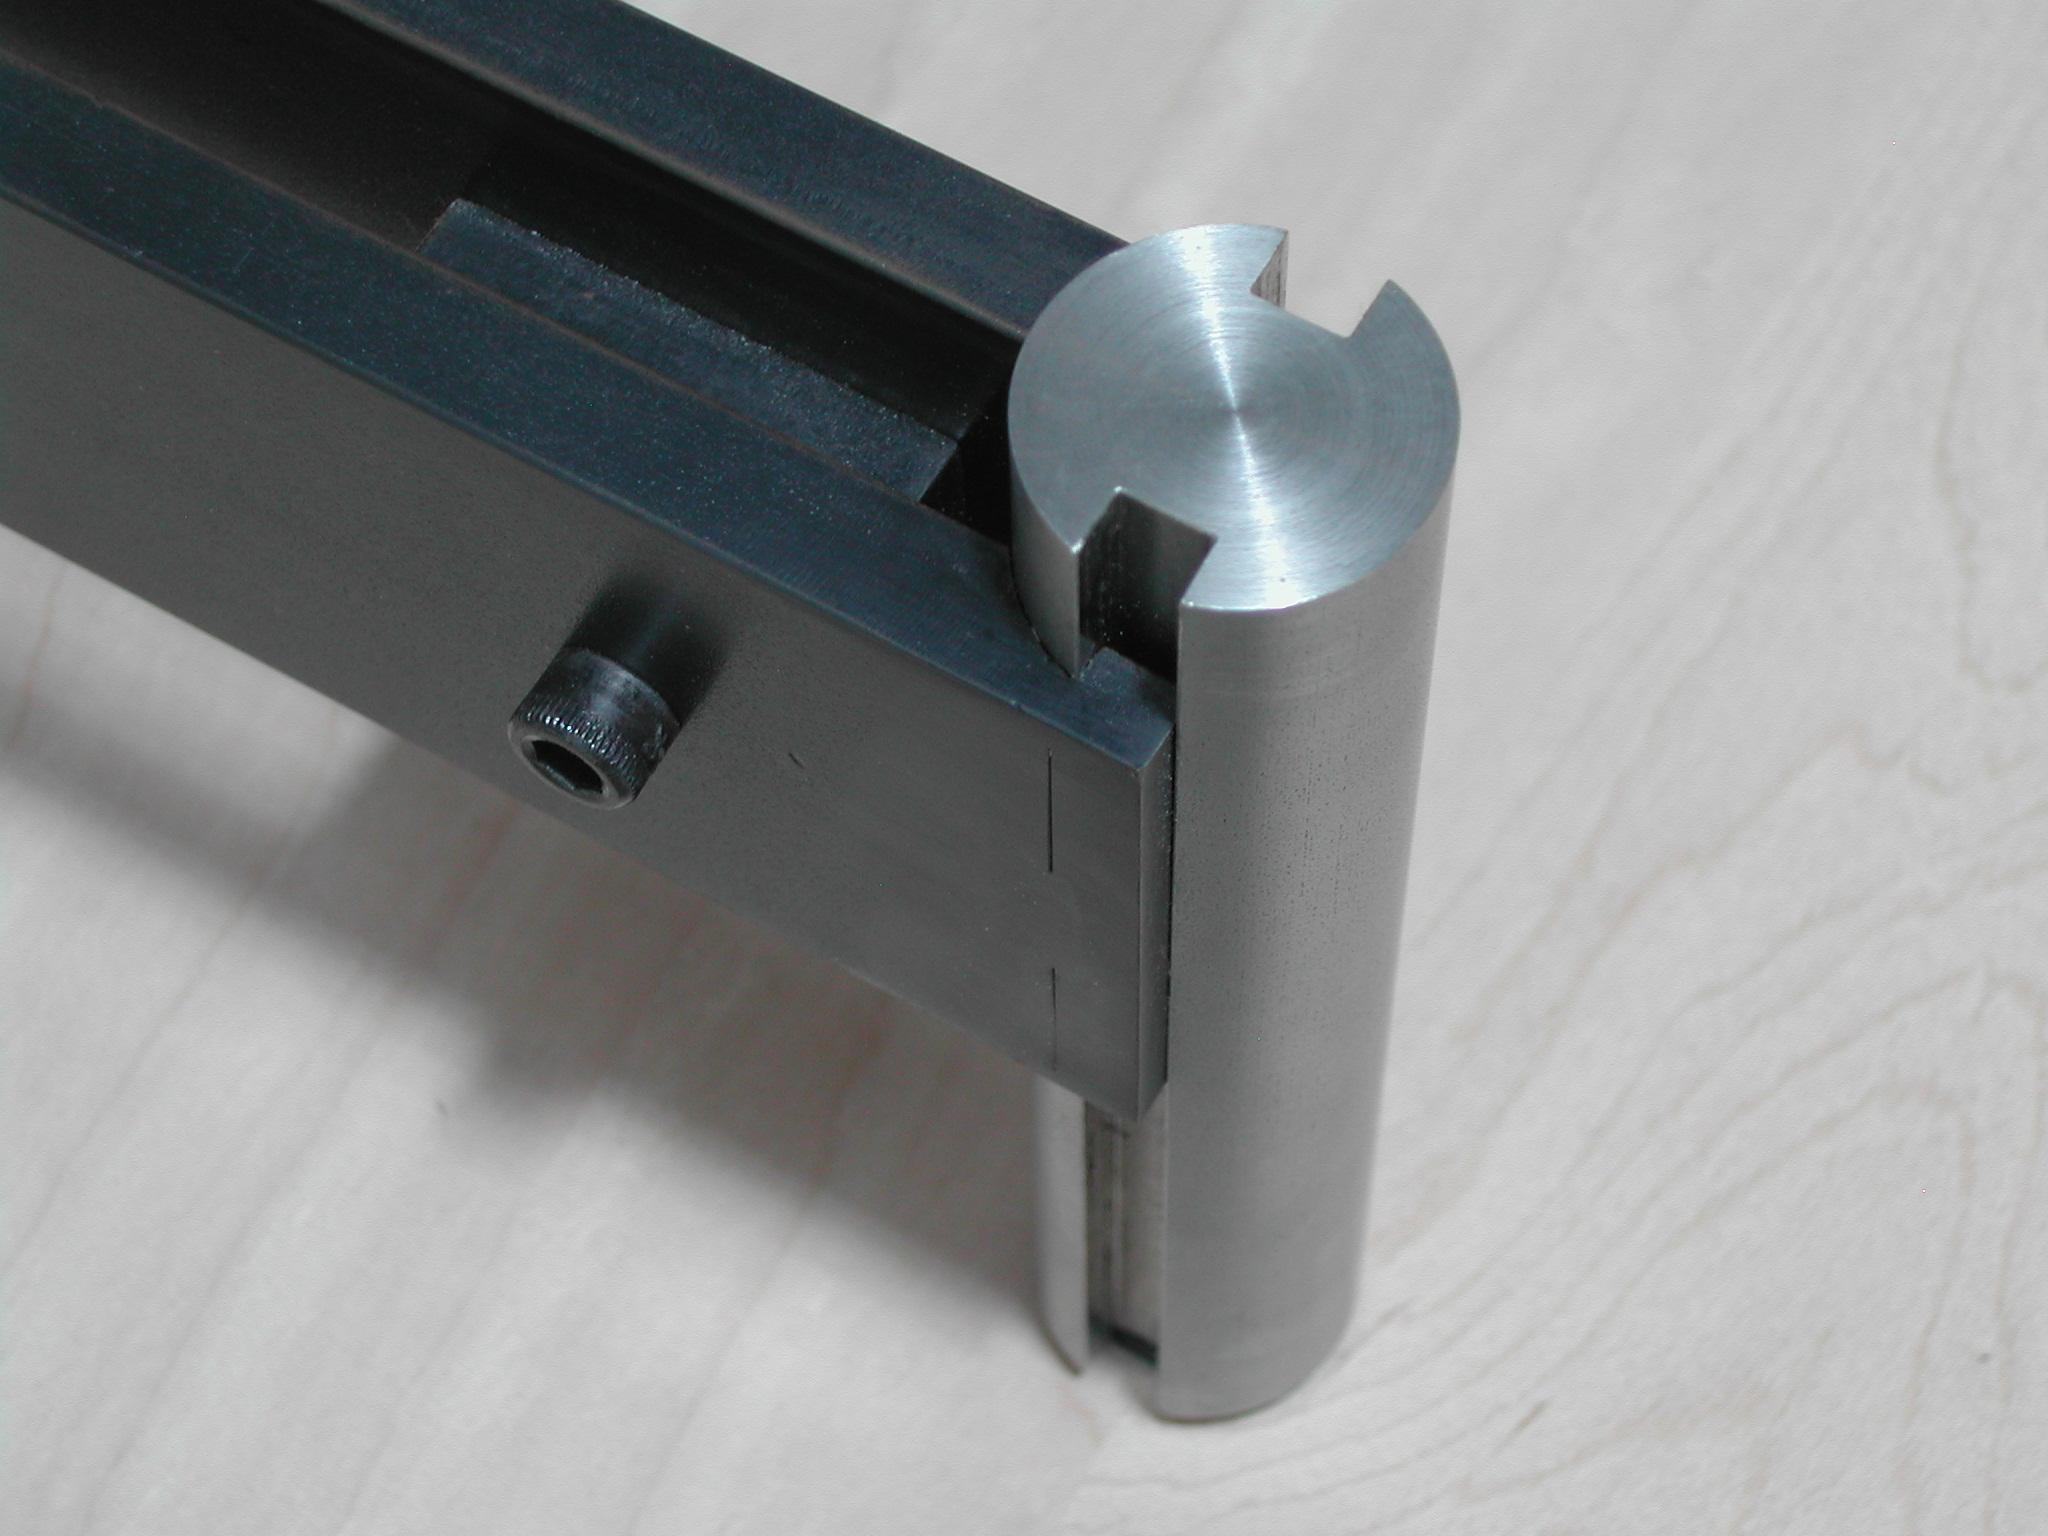 Detail - Adjustable Leveling Foot